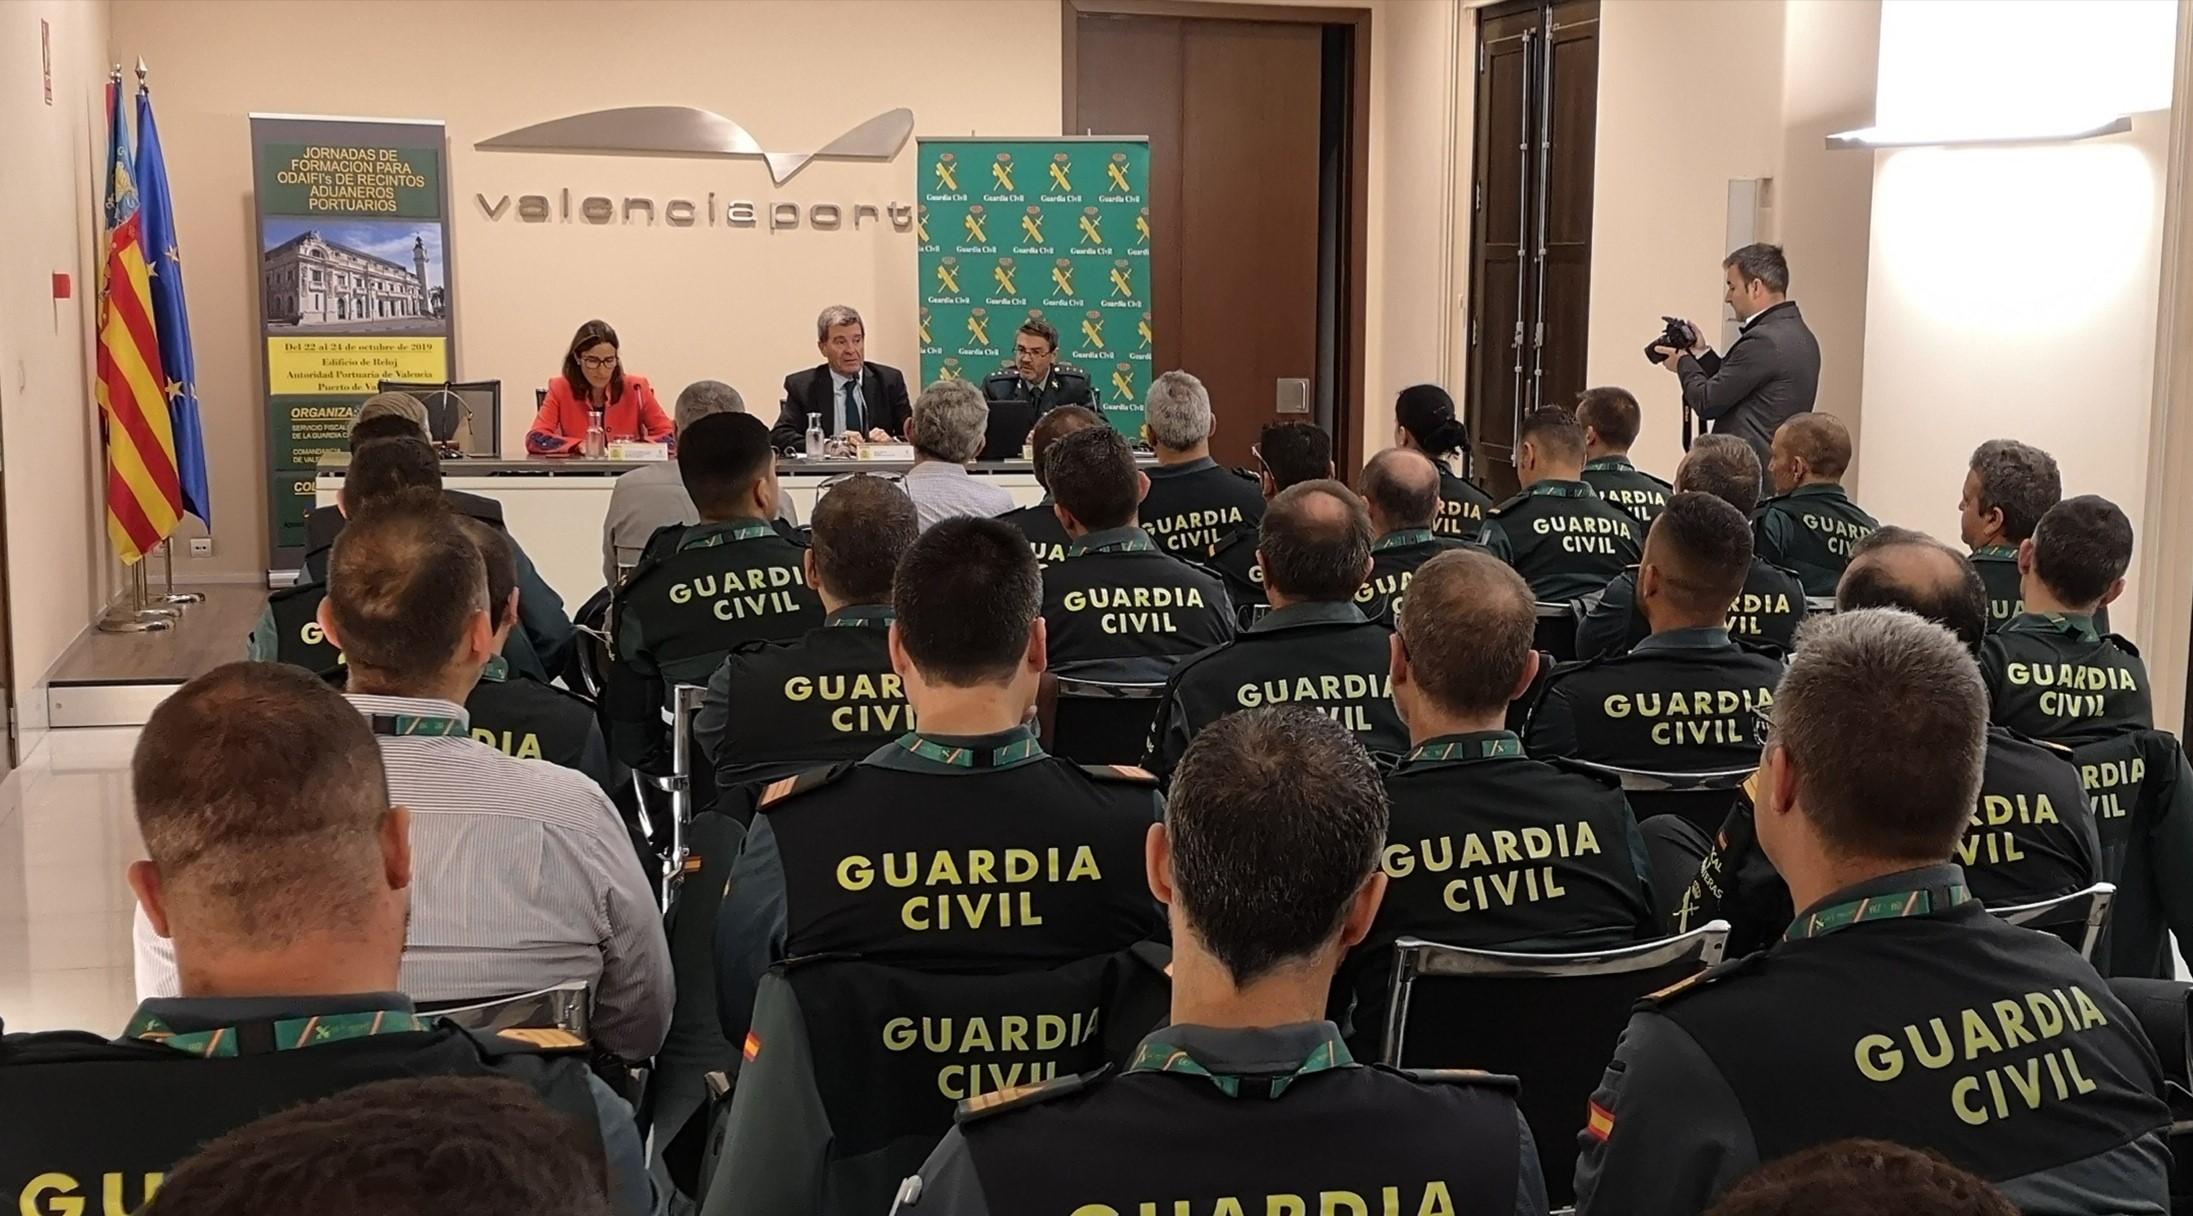 Aduanas: Puerto de Valencia exige criterios de control y supervisión idénticos en toda la UE